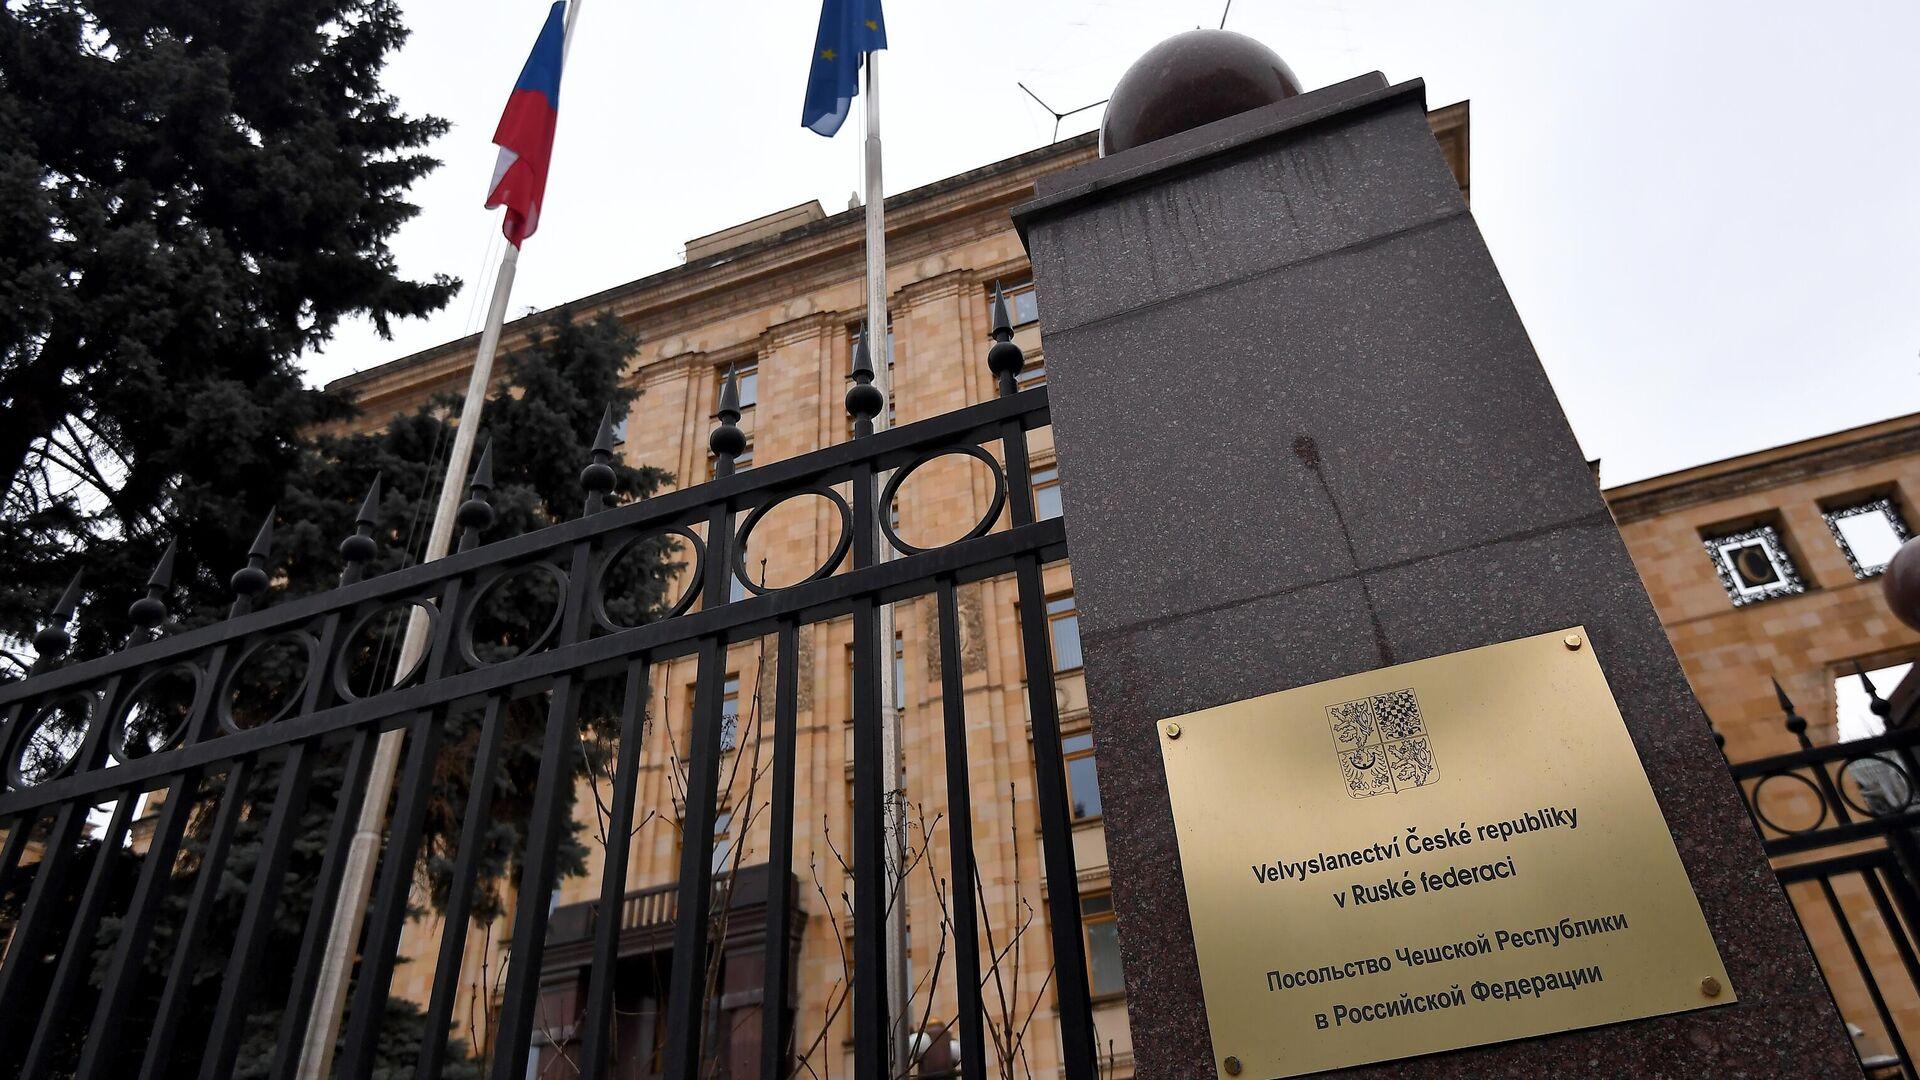 Здание посольства Чехии на улице Юлиуса Фучика в Москве - РИА Новости, 1920, 15.06.2020